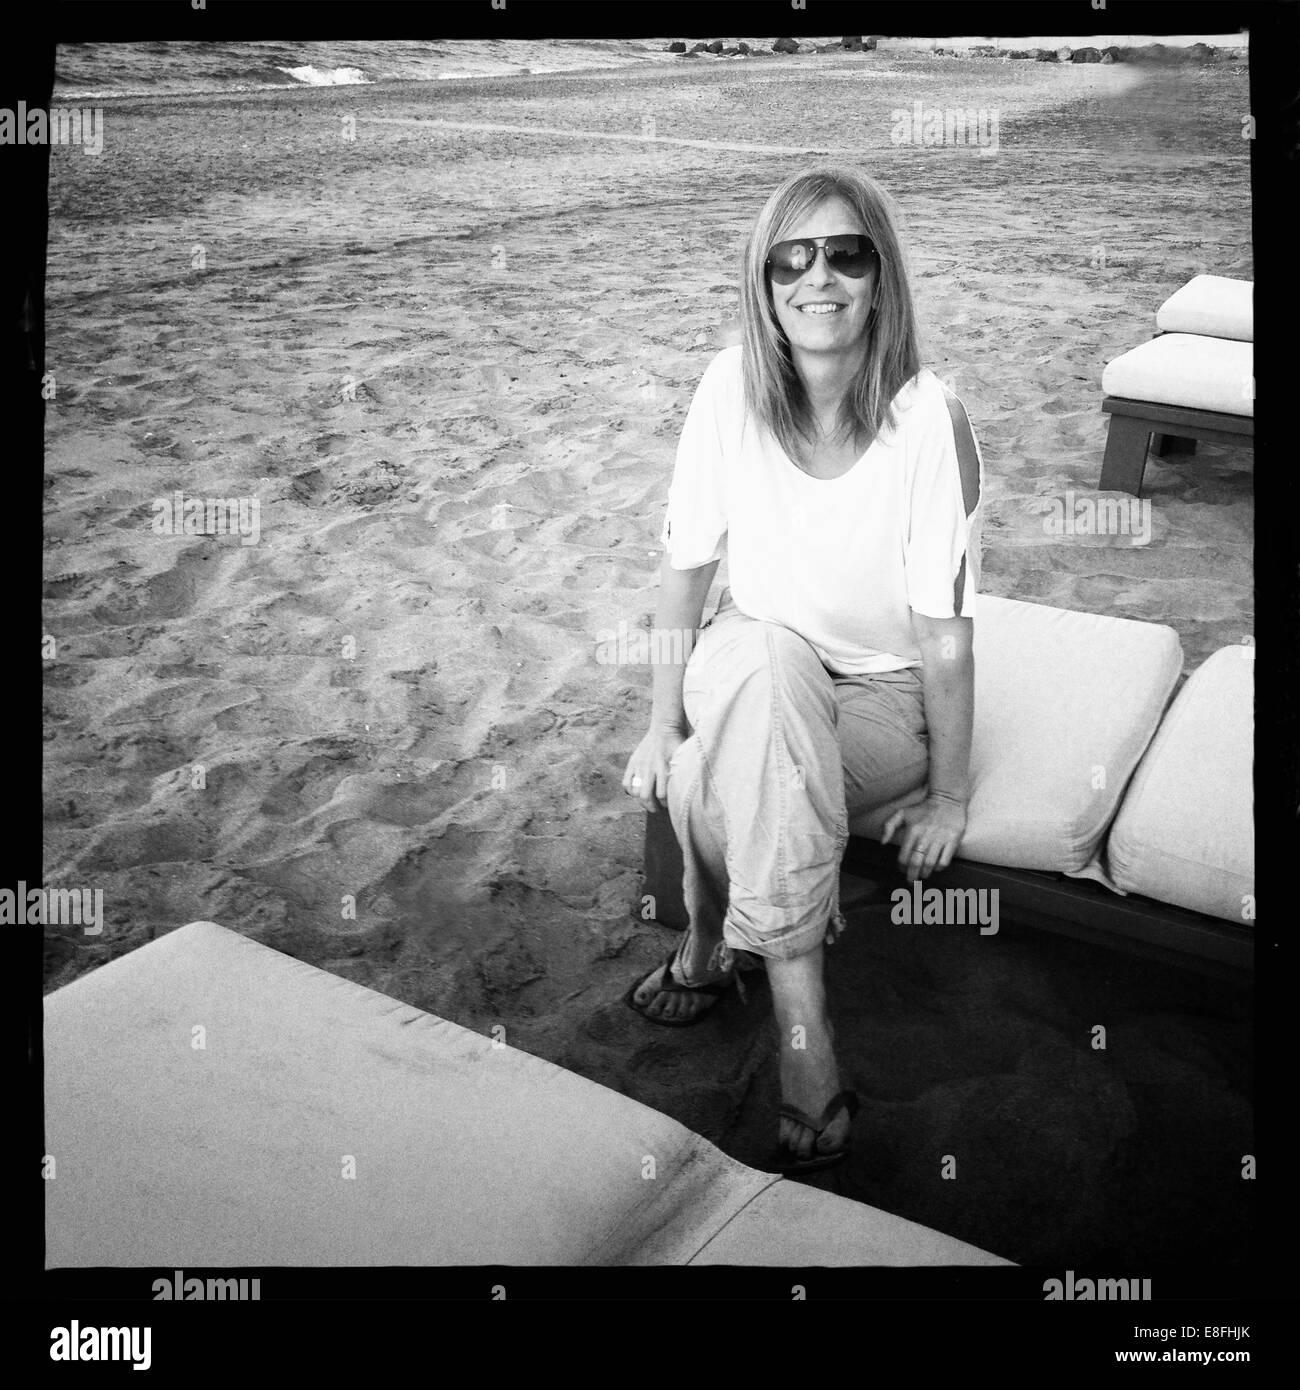 Donna sorridente seduta su un lettino sulla spiaggia, Muscat, Oman Foto Stock